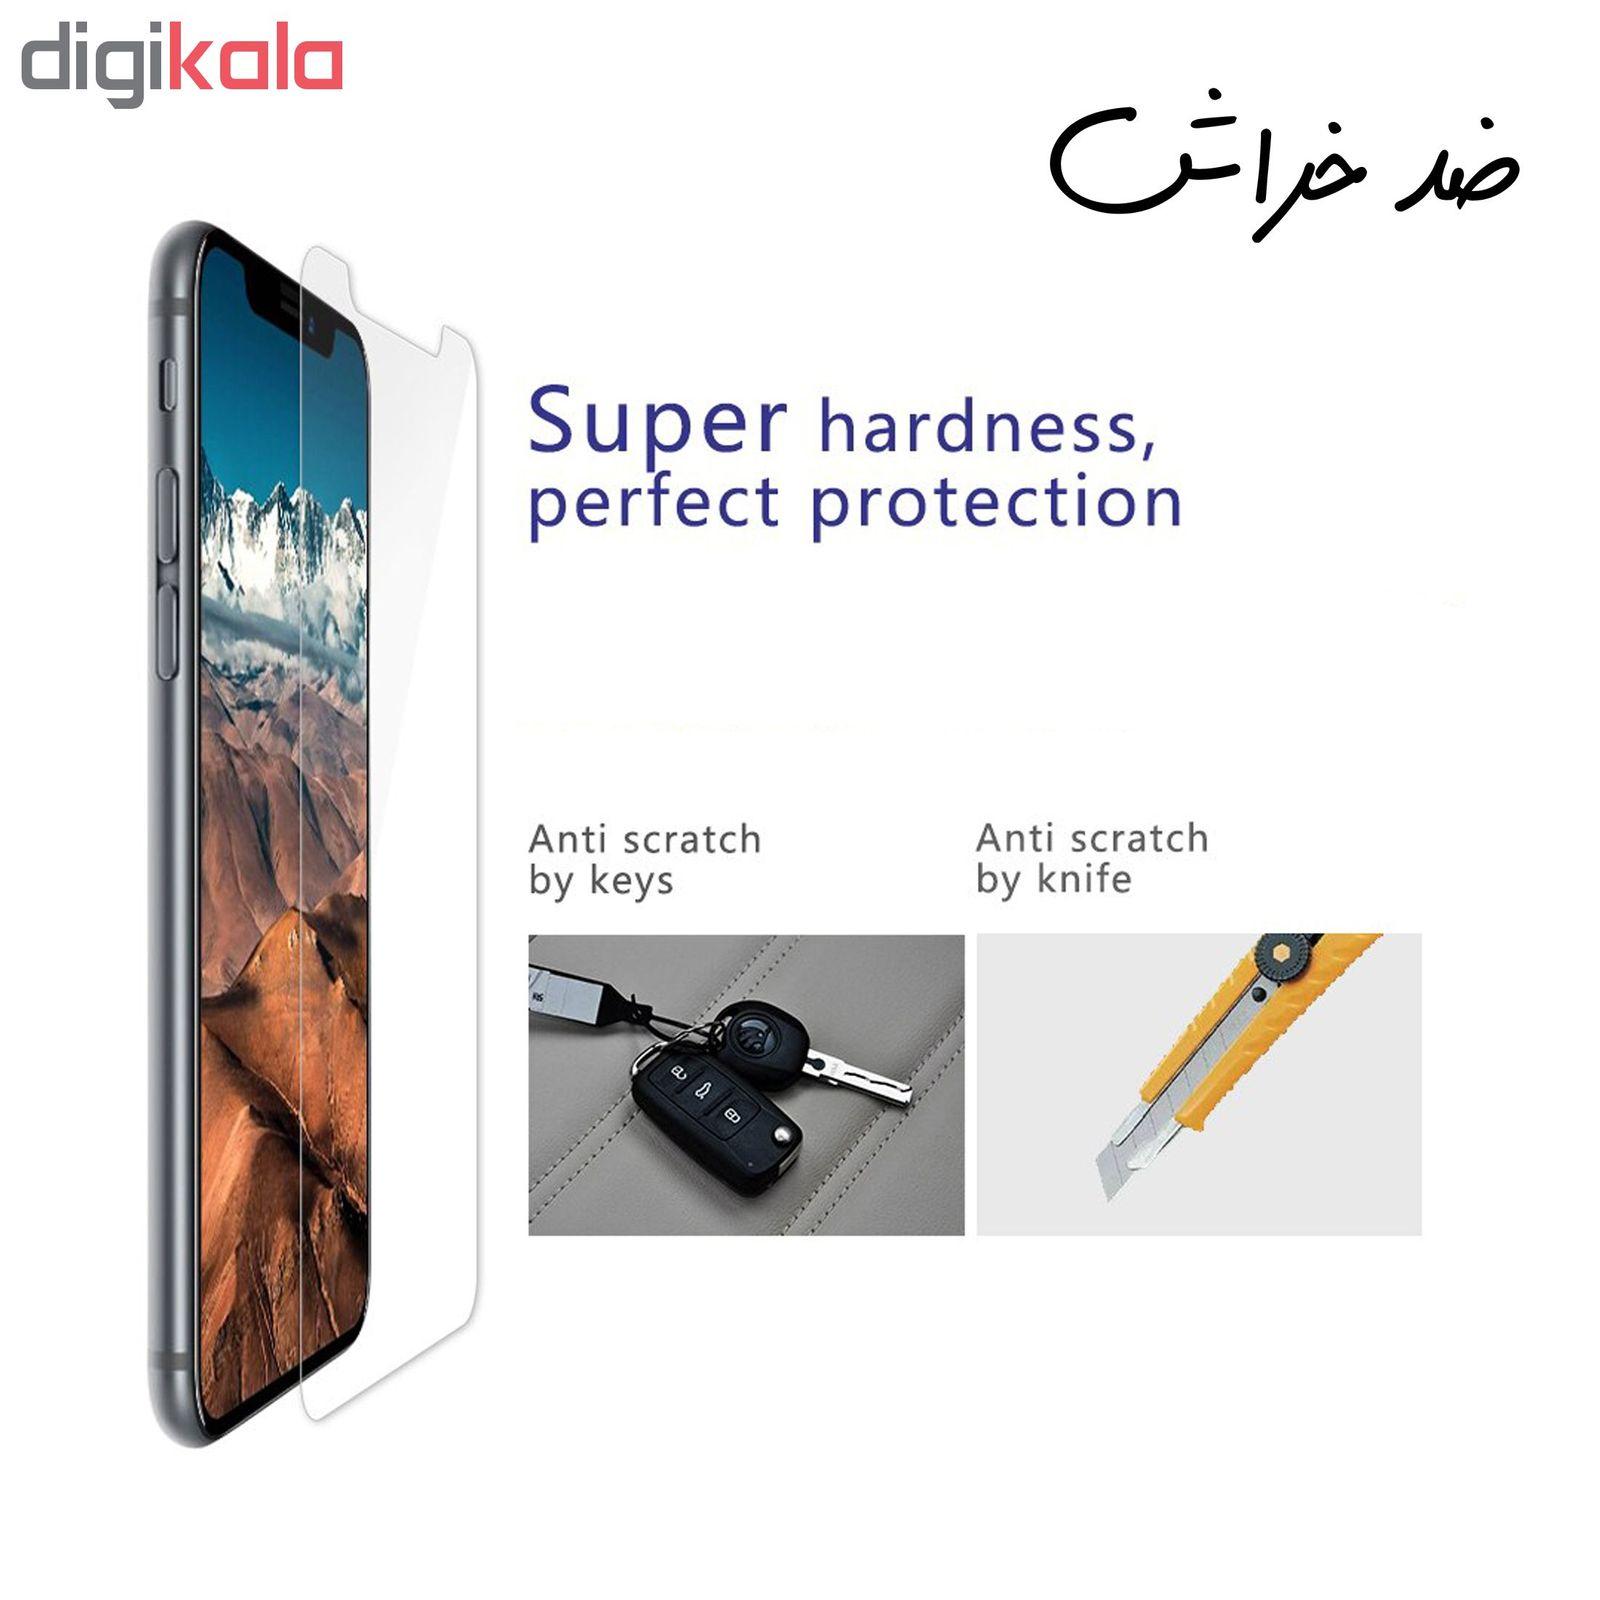 محافظ صفحه نمایش Hard and thick مدل F-01 مناسب برای گوشی موبایل سامسونگ Galaxy A30s  main 1 4